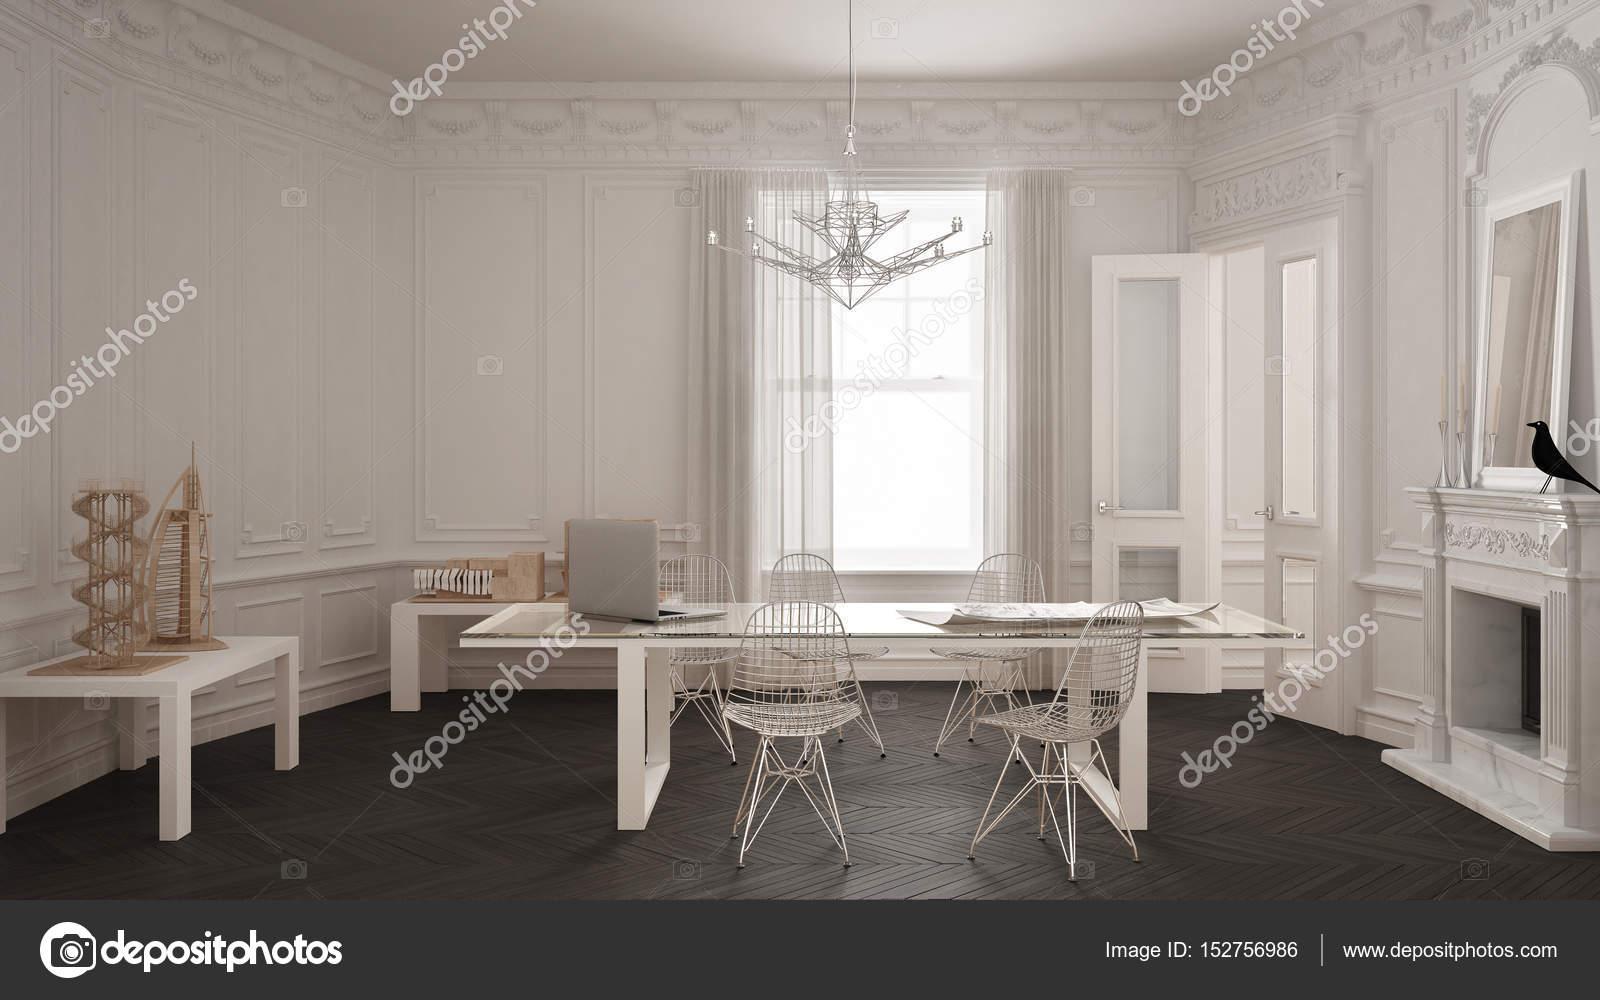 Bureau minimaliste moderne dans une chambre vintage classique avec